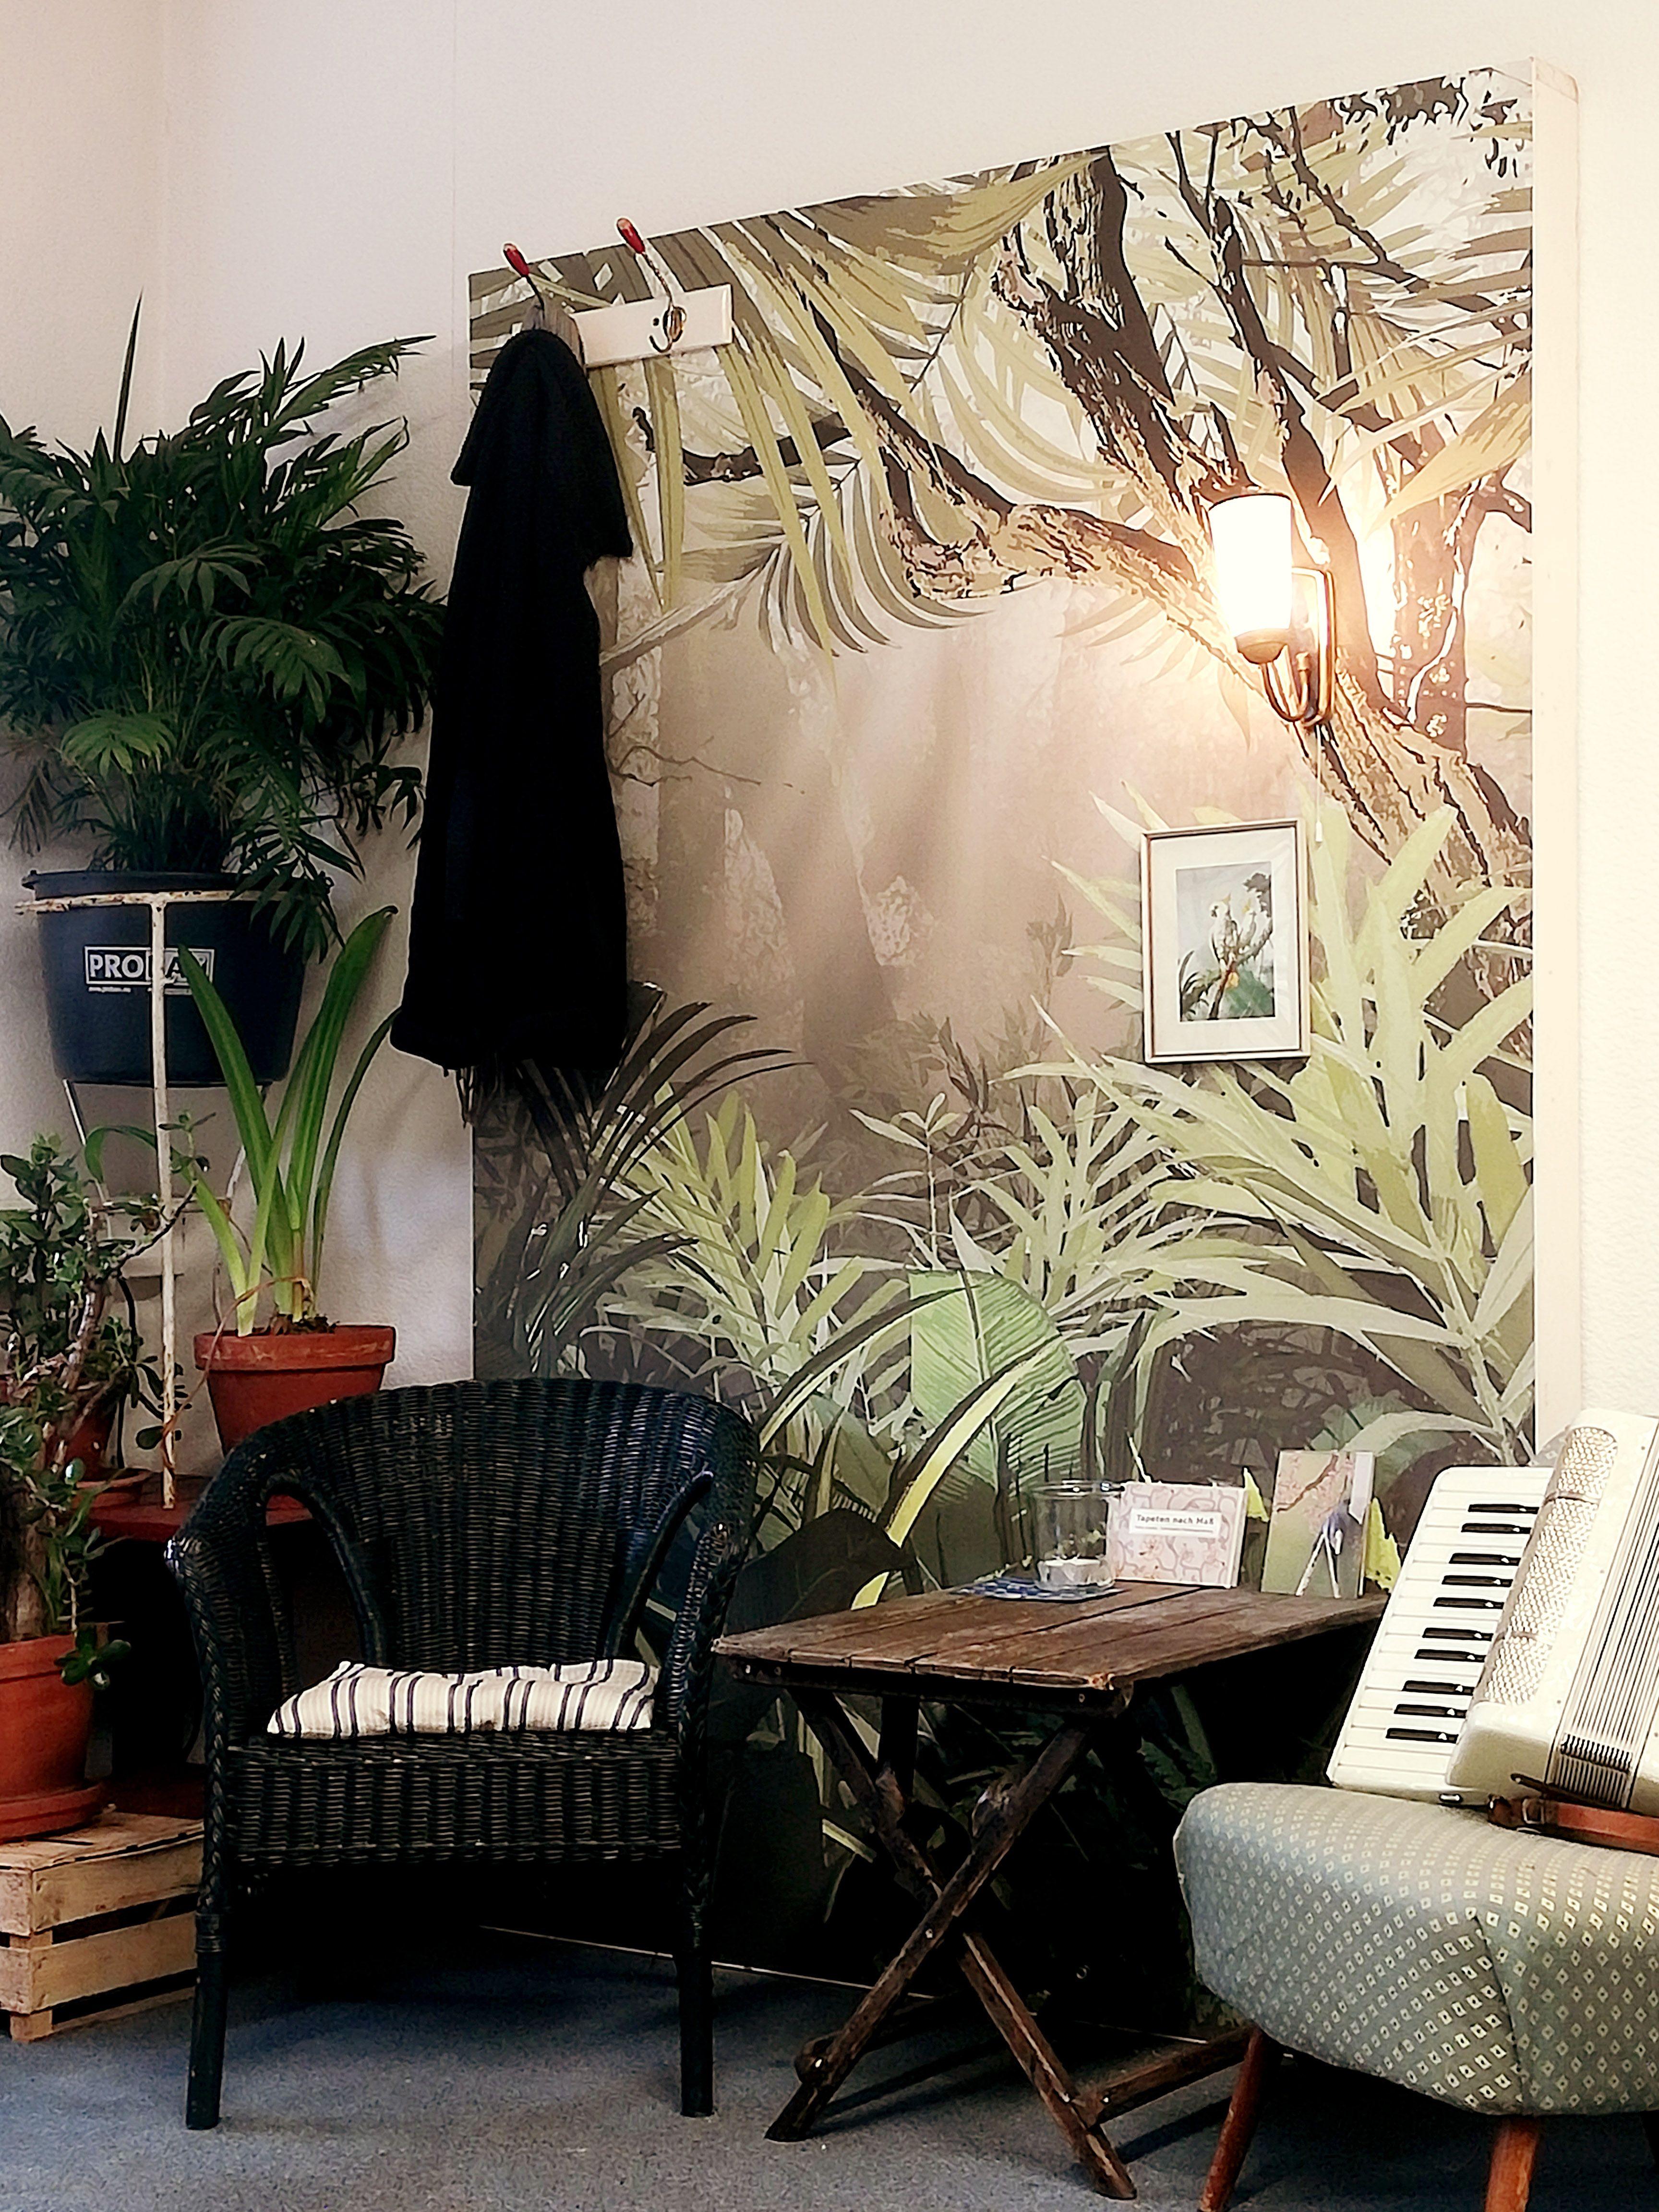 Dschungel Tapete Dschungel Tapete Wohnzimmer Design Einrichtungsideen Für Kleine Räume